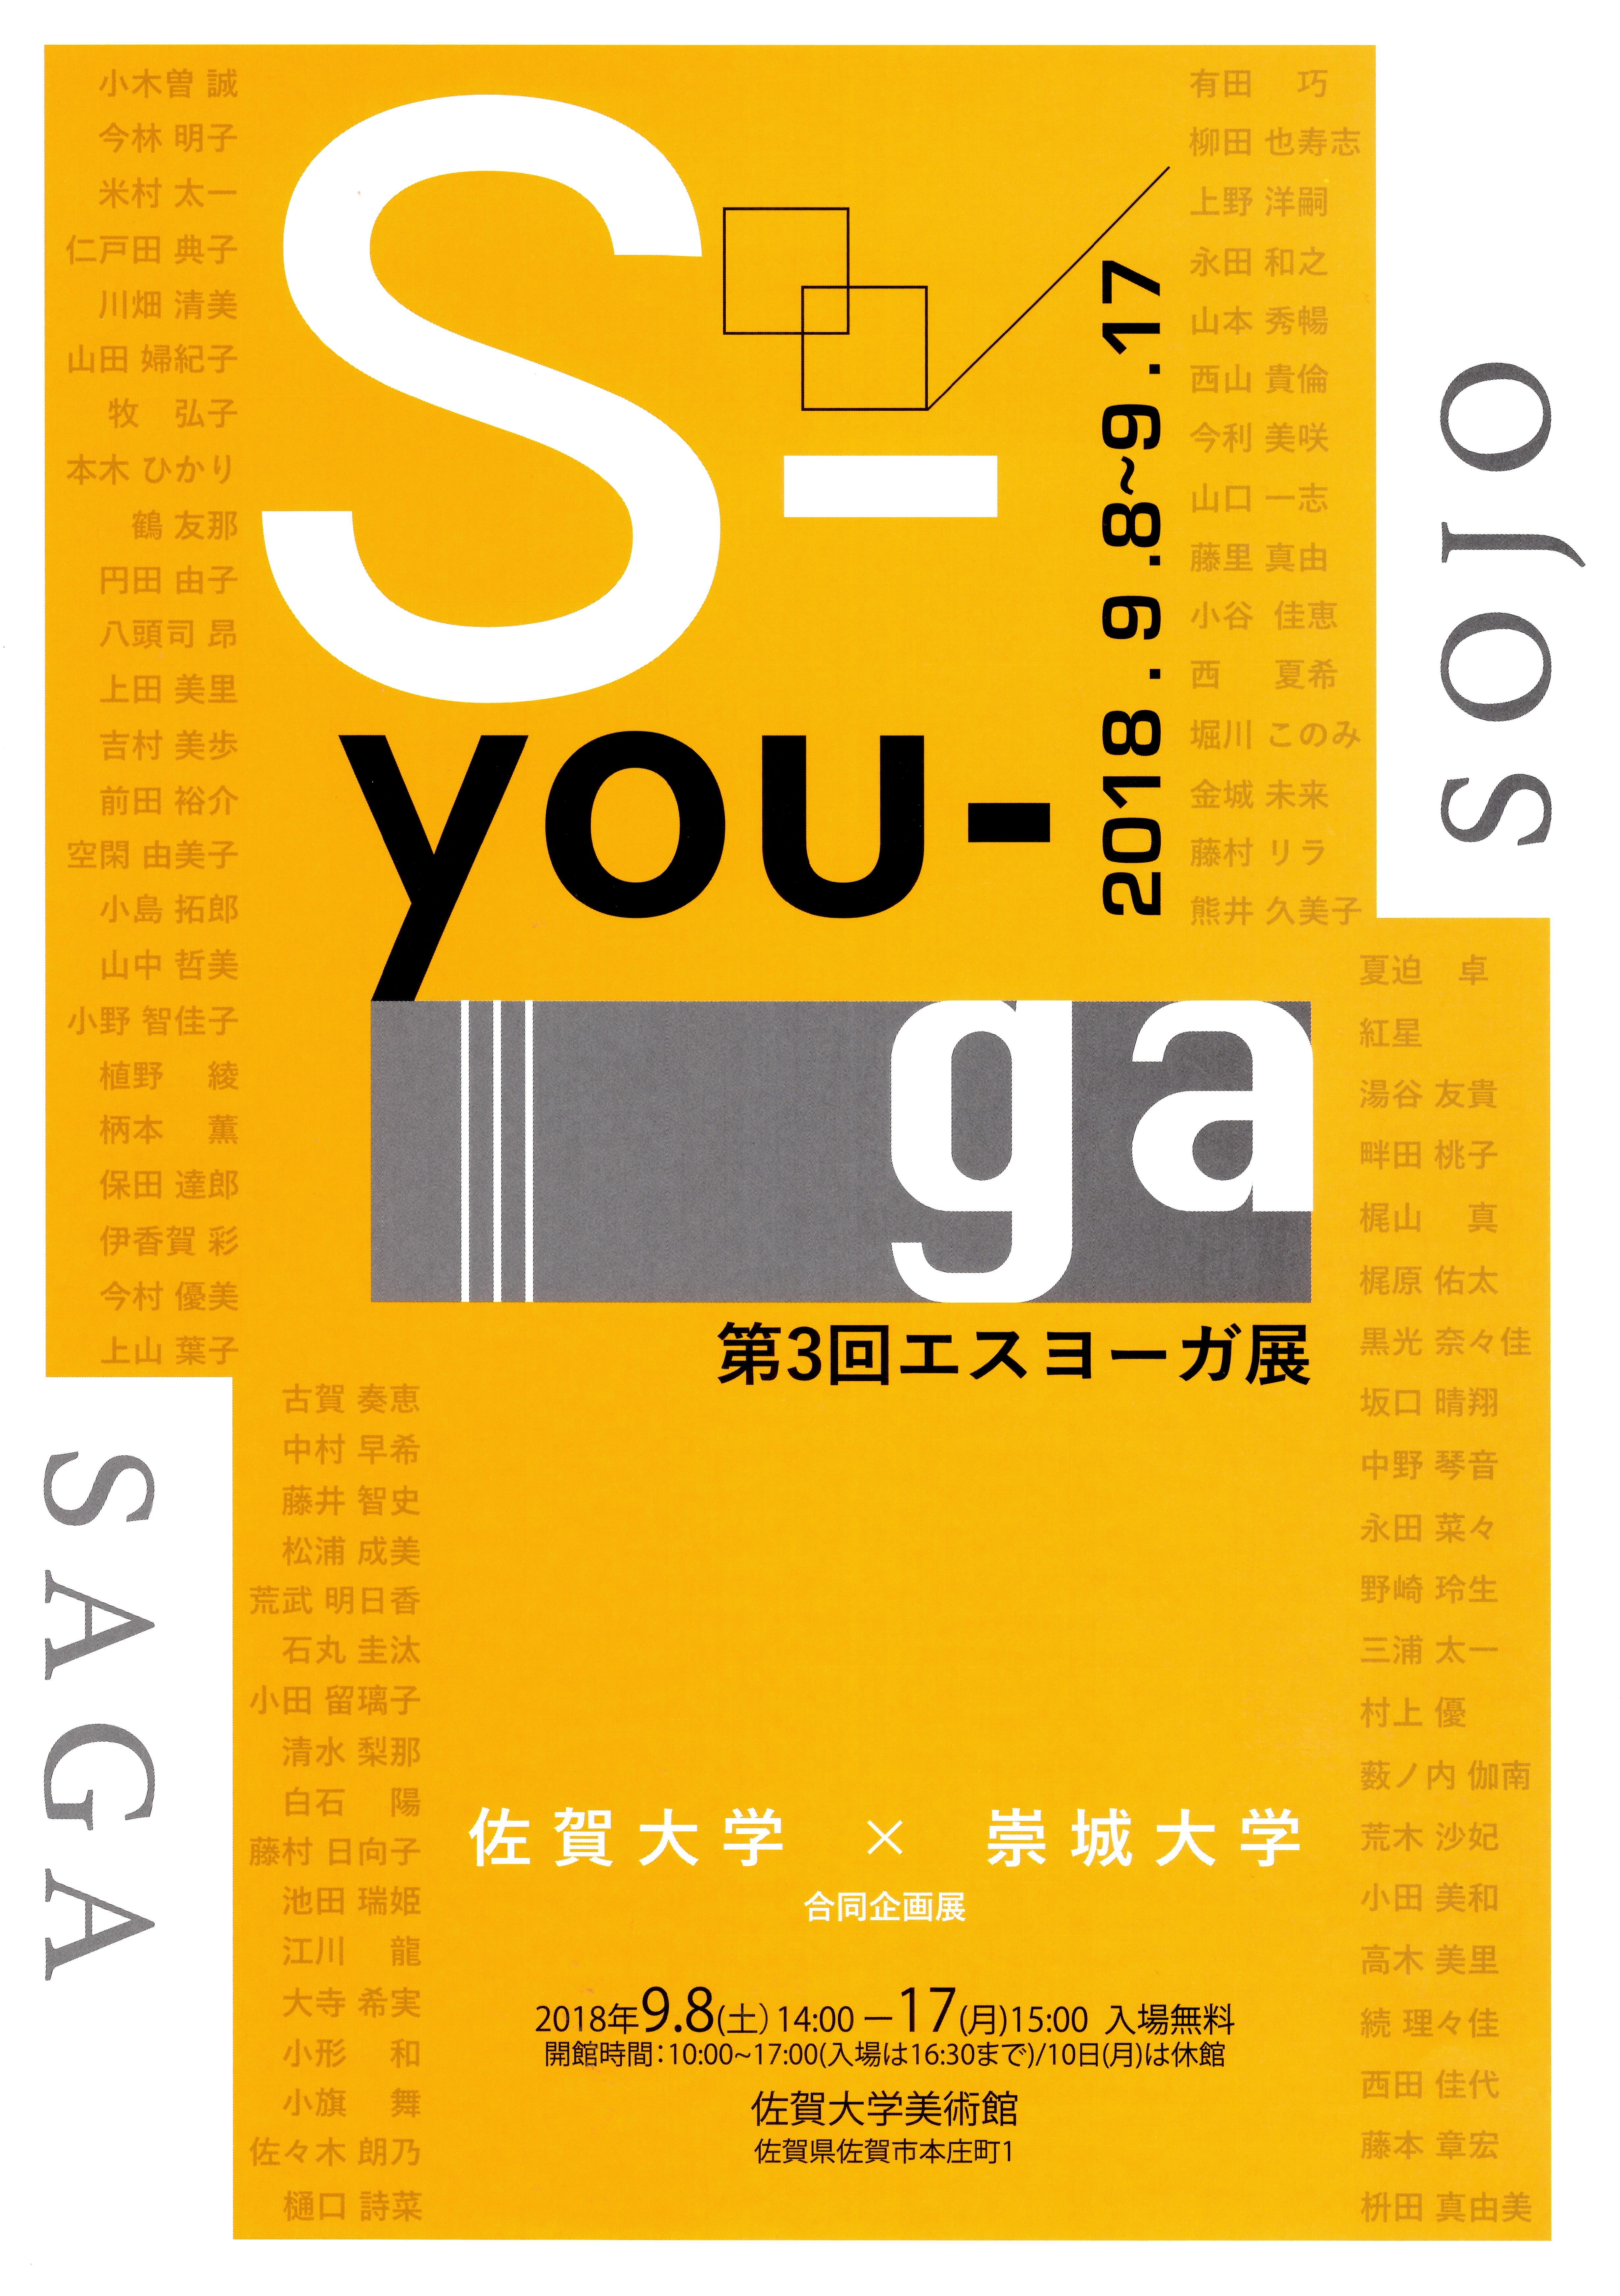 崇城大学芸術学部美術学科洋画コースが9月8~17日に佐賀大学芸術地域デザイン学部との合同企画展「S-YOU-GA展」を開催 -- 九州の芸術文化を盛り上げる